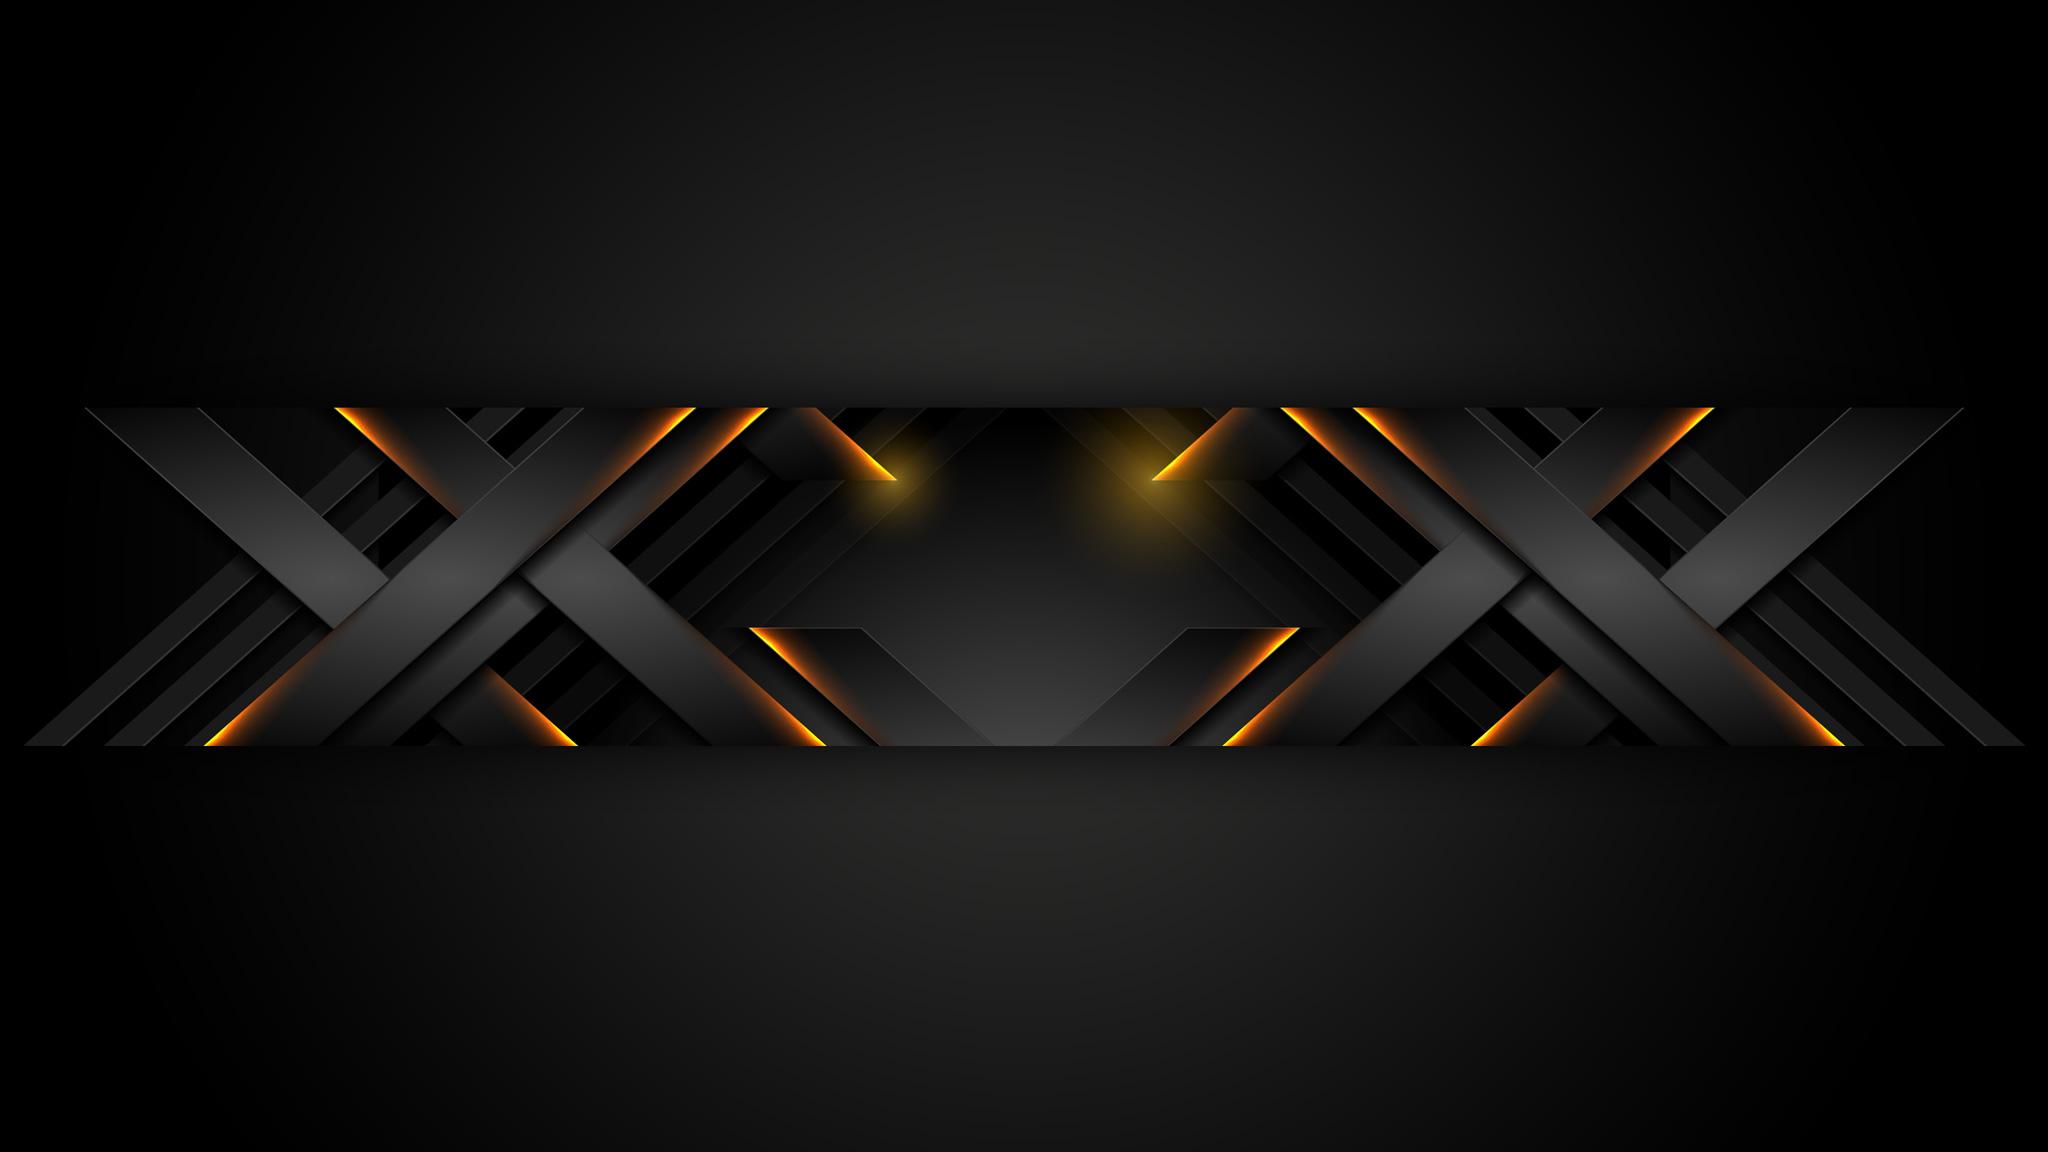 Картинка готовая шапка для ютуба без текста из симметричных линий на чёрном фоне.